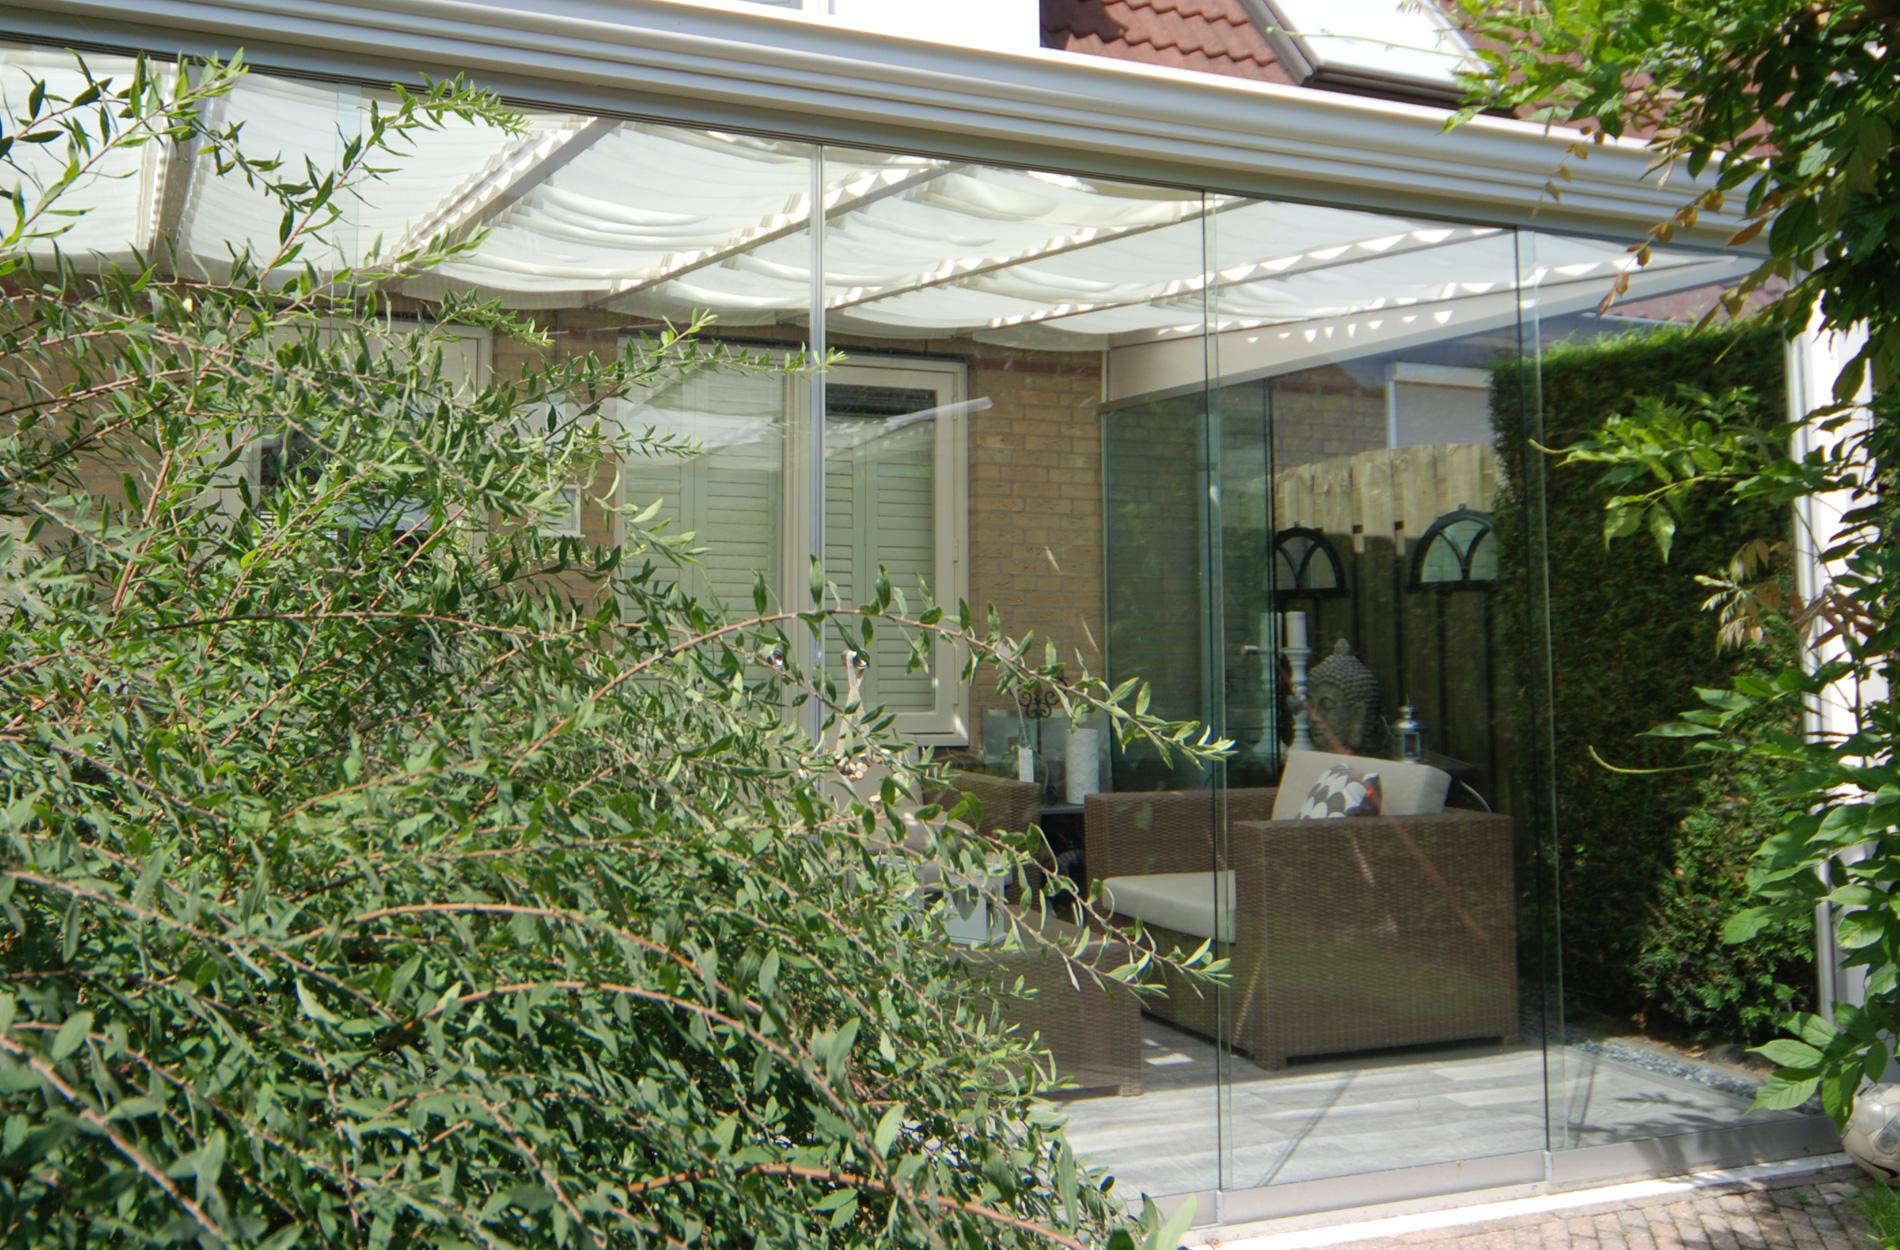 Tuinkamerhoorn te hoorn is onderdeel van veranda medemblik en veranda middenmeer en dealer van - Uitbreiding veranda ...